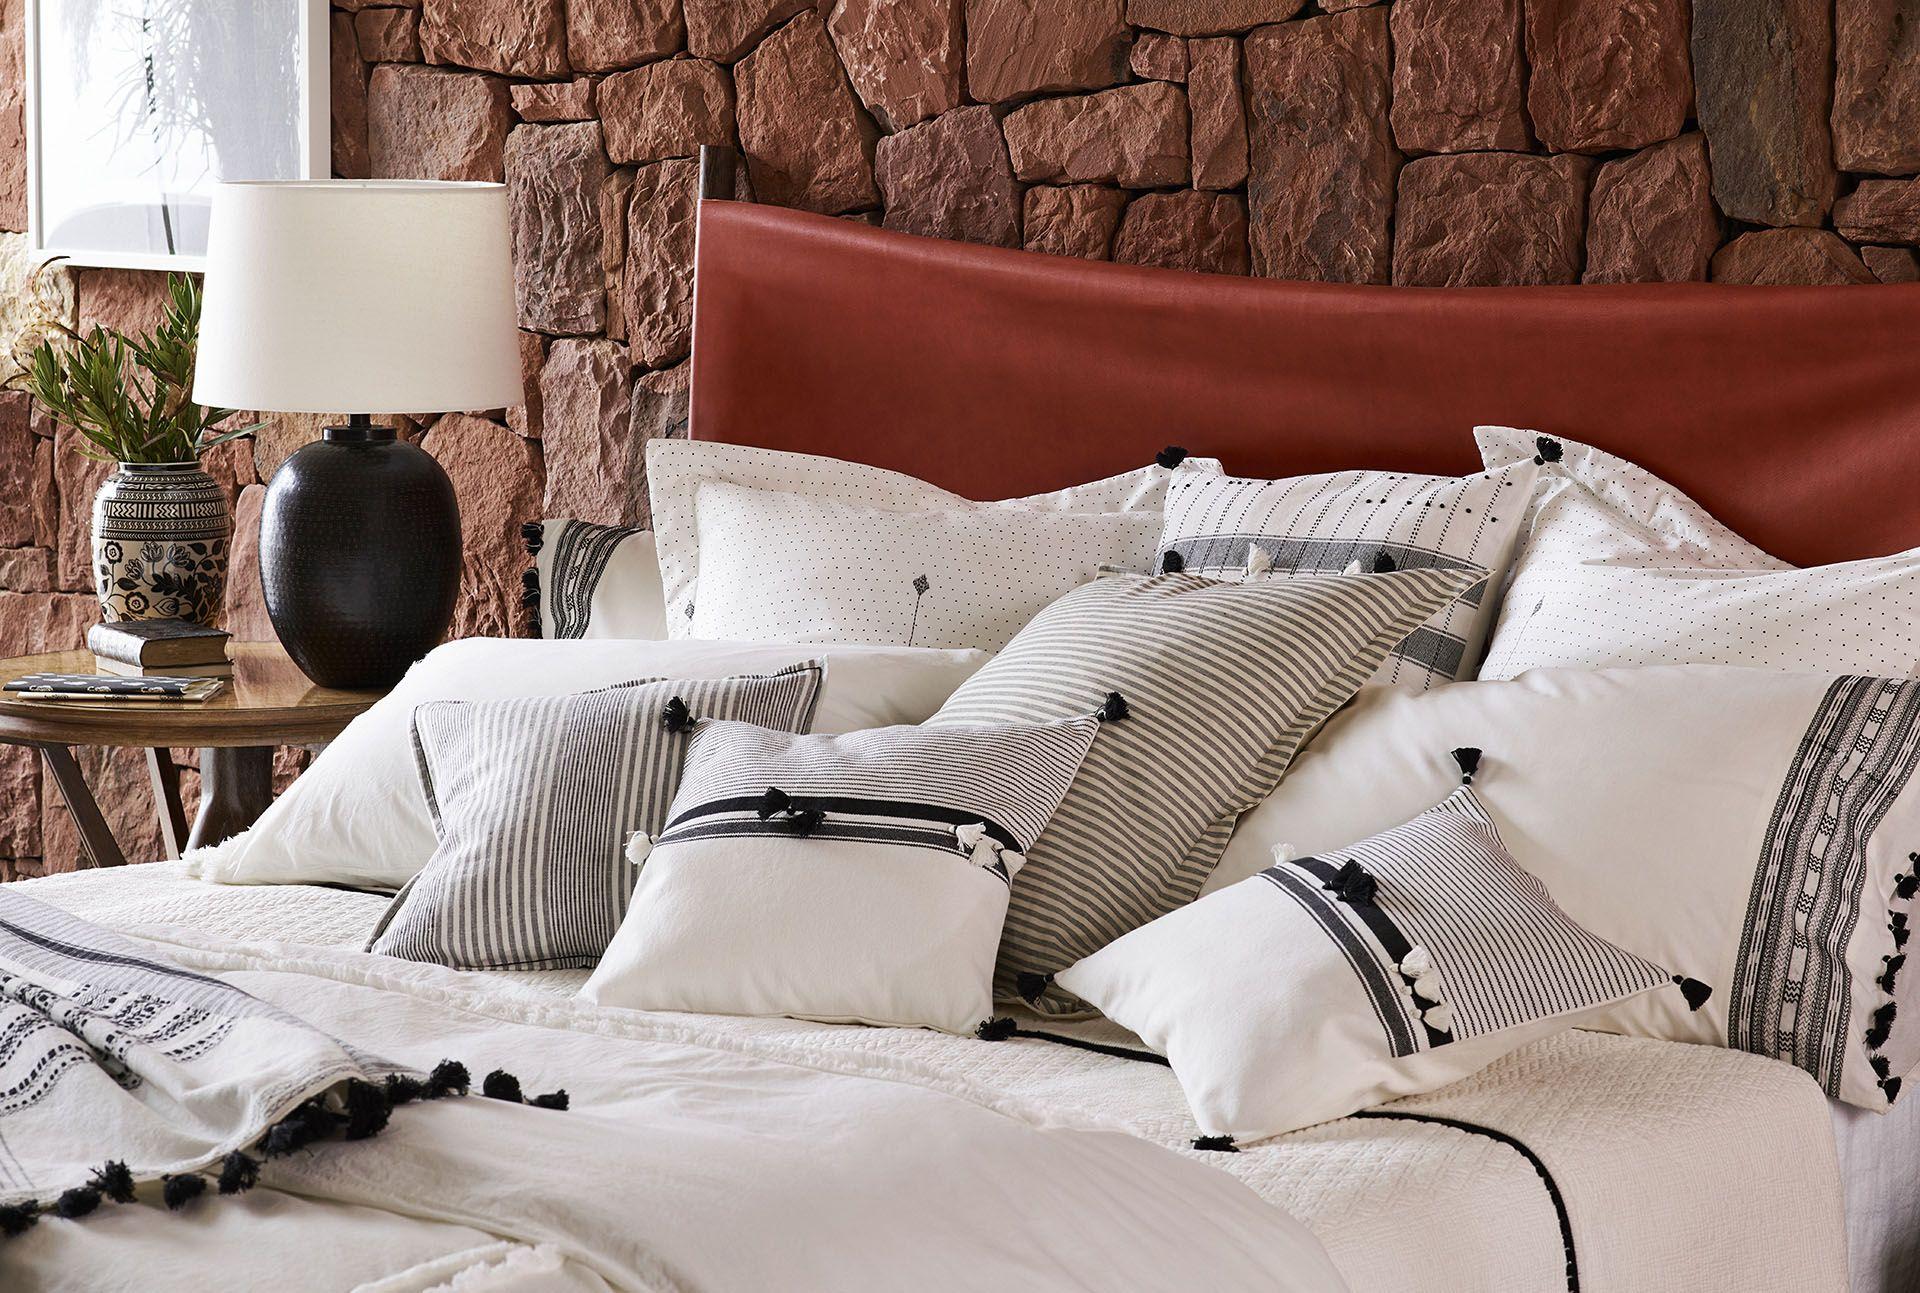 Zara Home Linen  Interieur inspiratie  Interieur